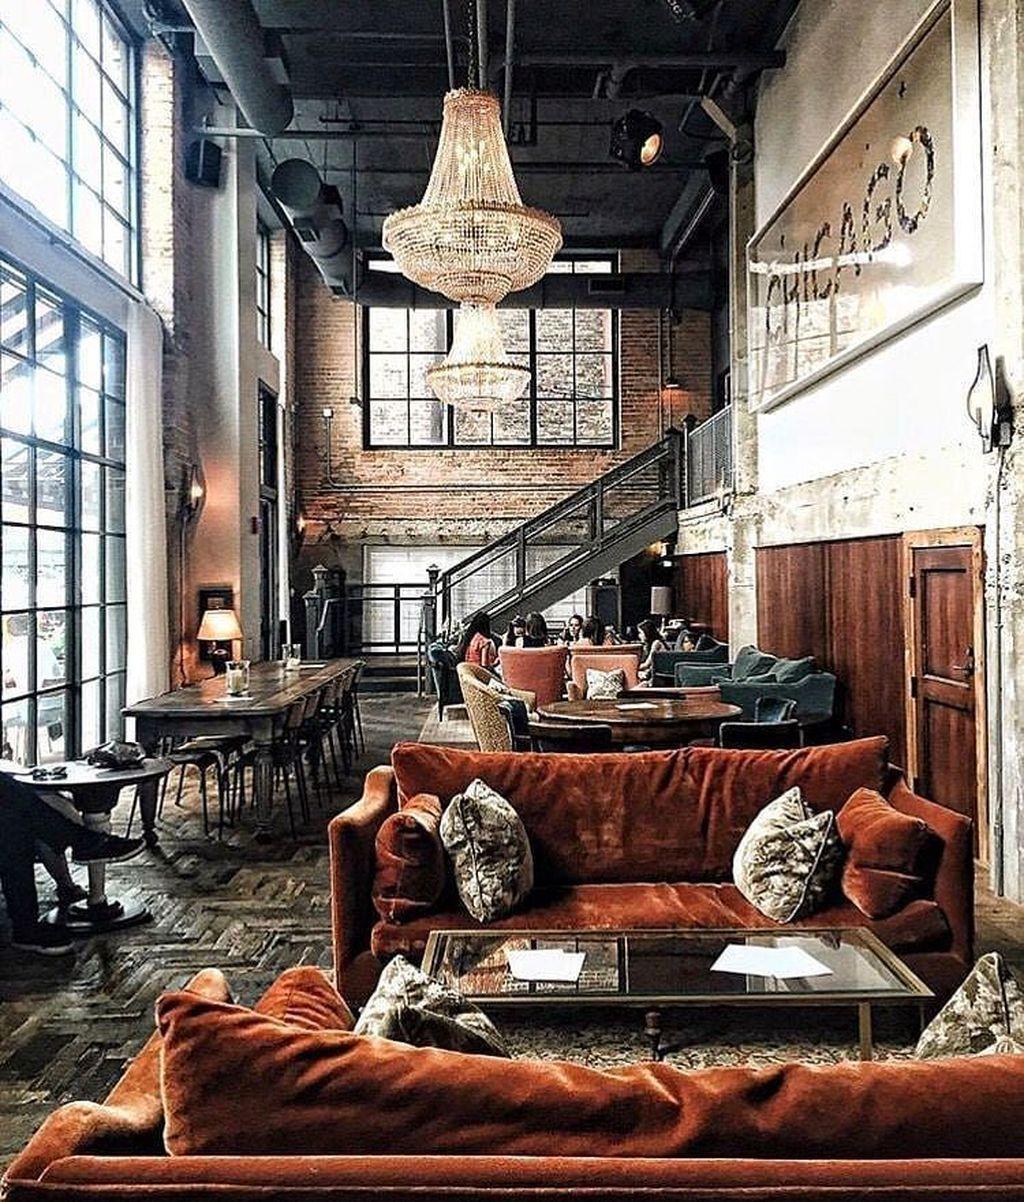 34 Nice Industrial Loft Decor Ideas For Your Interior Design In 2020 Industrial Interior Design Urban Industrial Decor Loft Decor